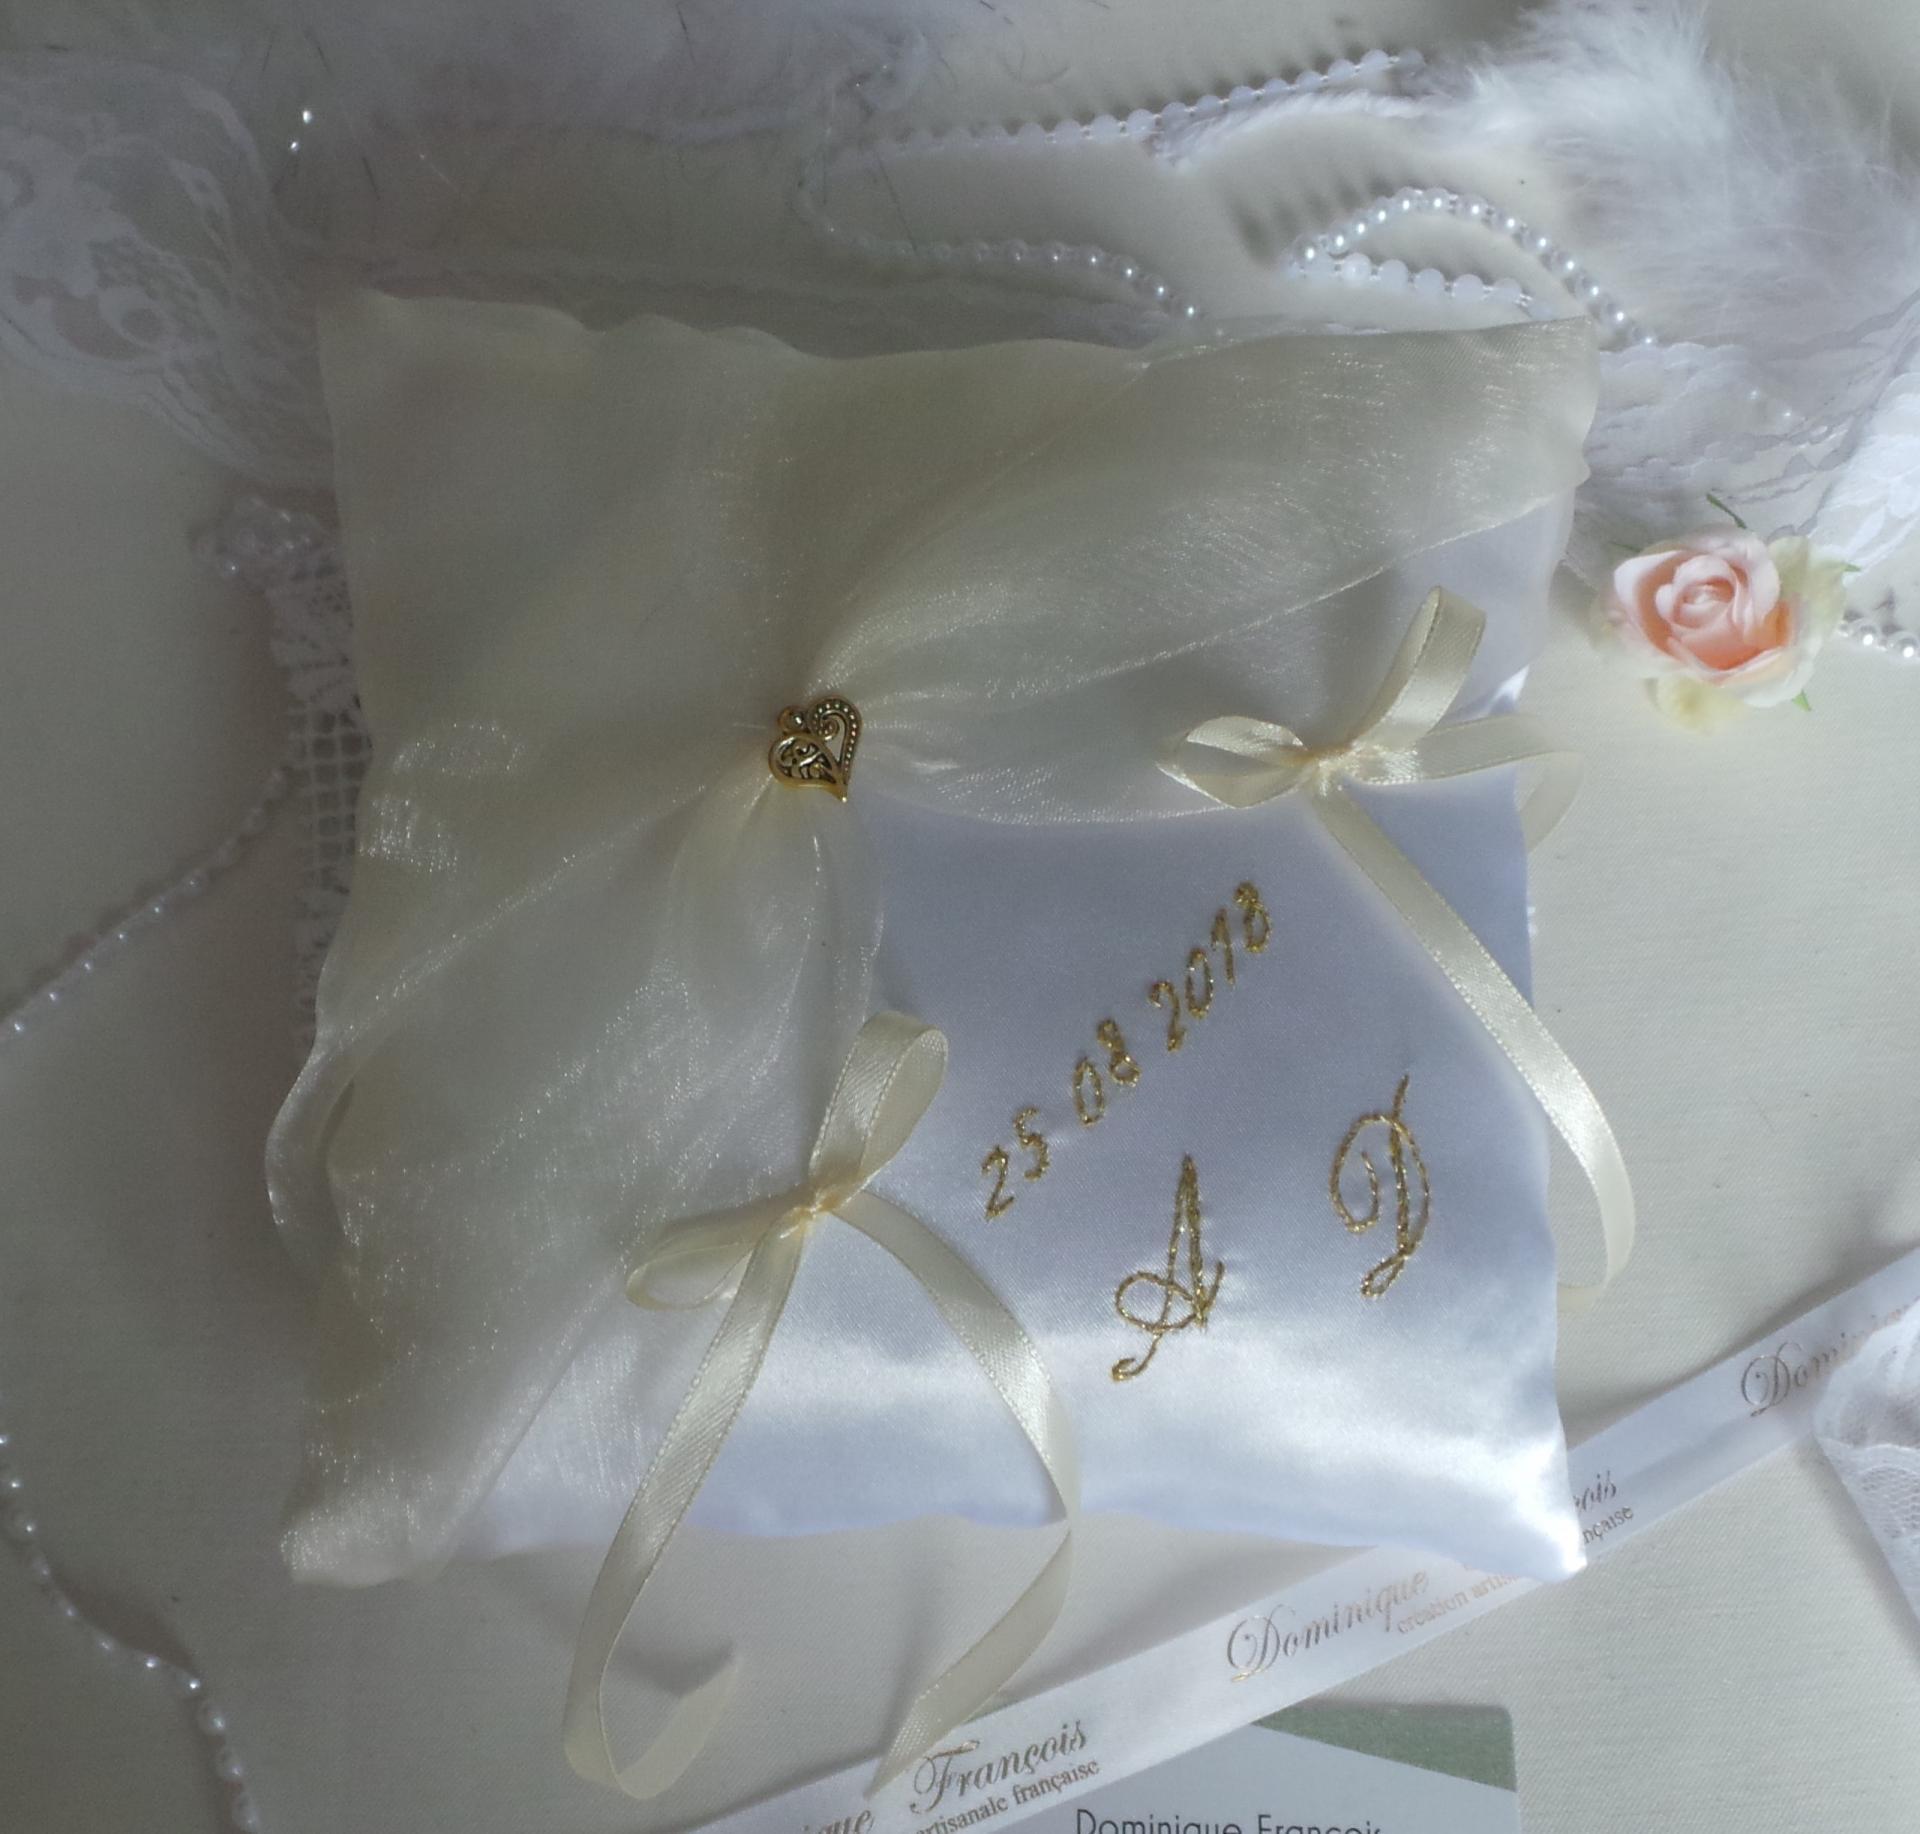 Coussin de mariage porte alliance de mariage chic blanc ivoire et or personnalisé